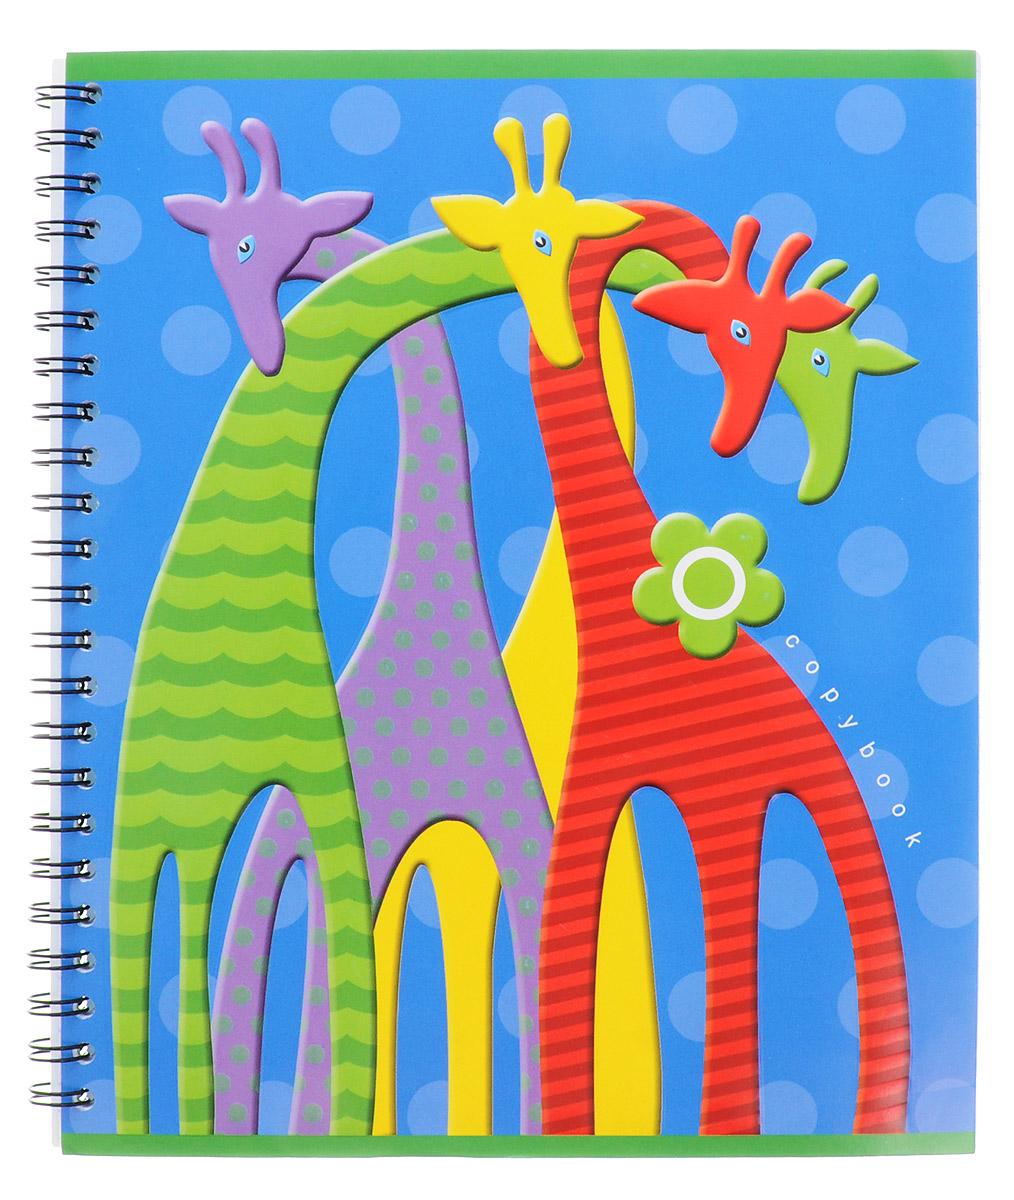 Полиграфика Тетрадь Жирафы 60 листов в клетку цвет синий4601921376296Тетрадь Полиграфика Жирафы подойдет как школьнику, так и студенту. Обложка тетради выполнена из картона и оформлена изображением ярких жирафов. Внутренний блок состоит из 60 листов белой бумаги. Стандартная линовка в голубую клетку без полей. Листы тетради соединены металлическим гребнем.